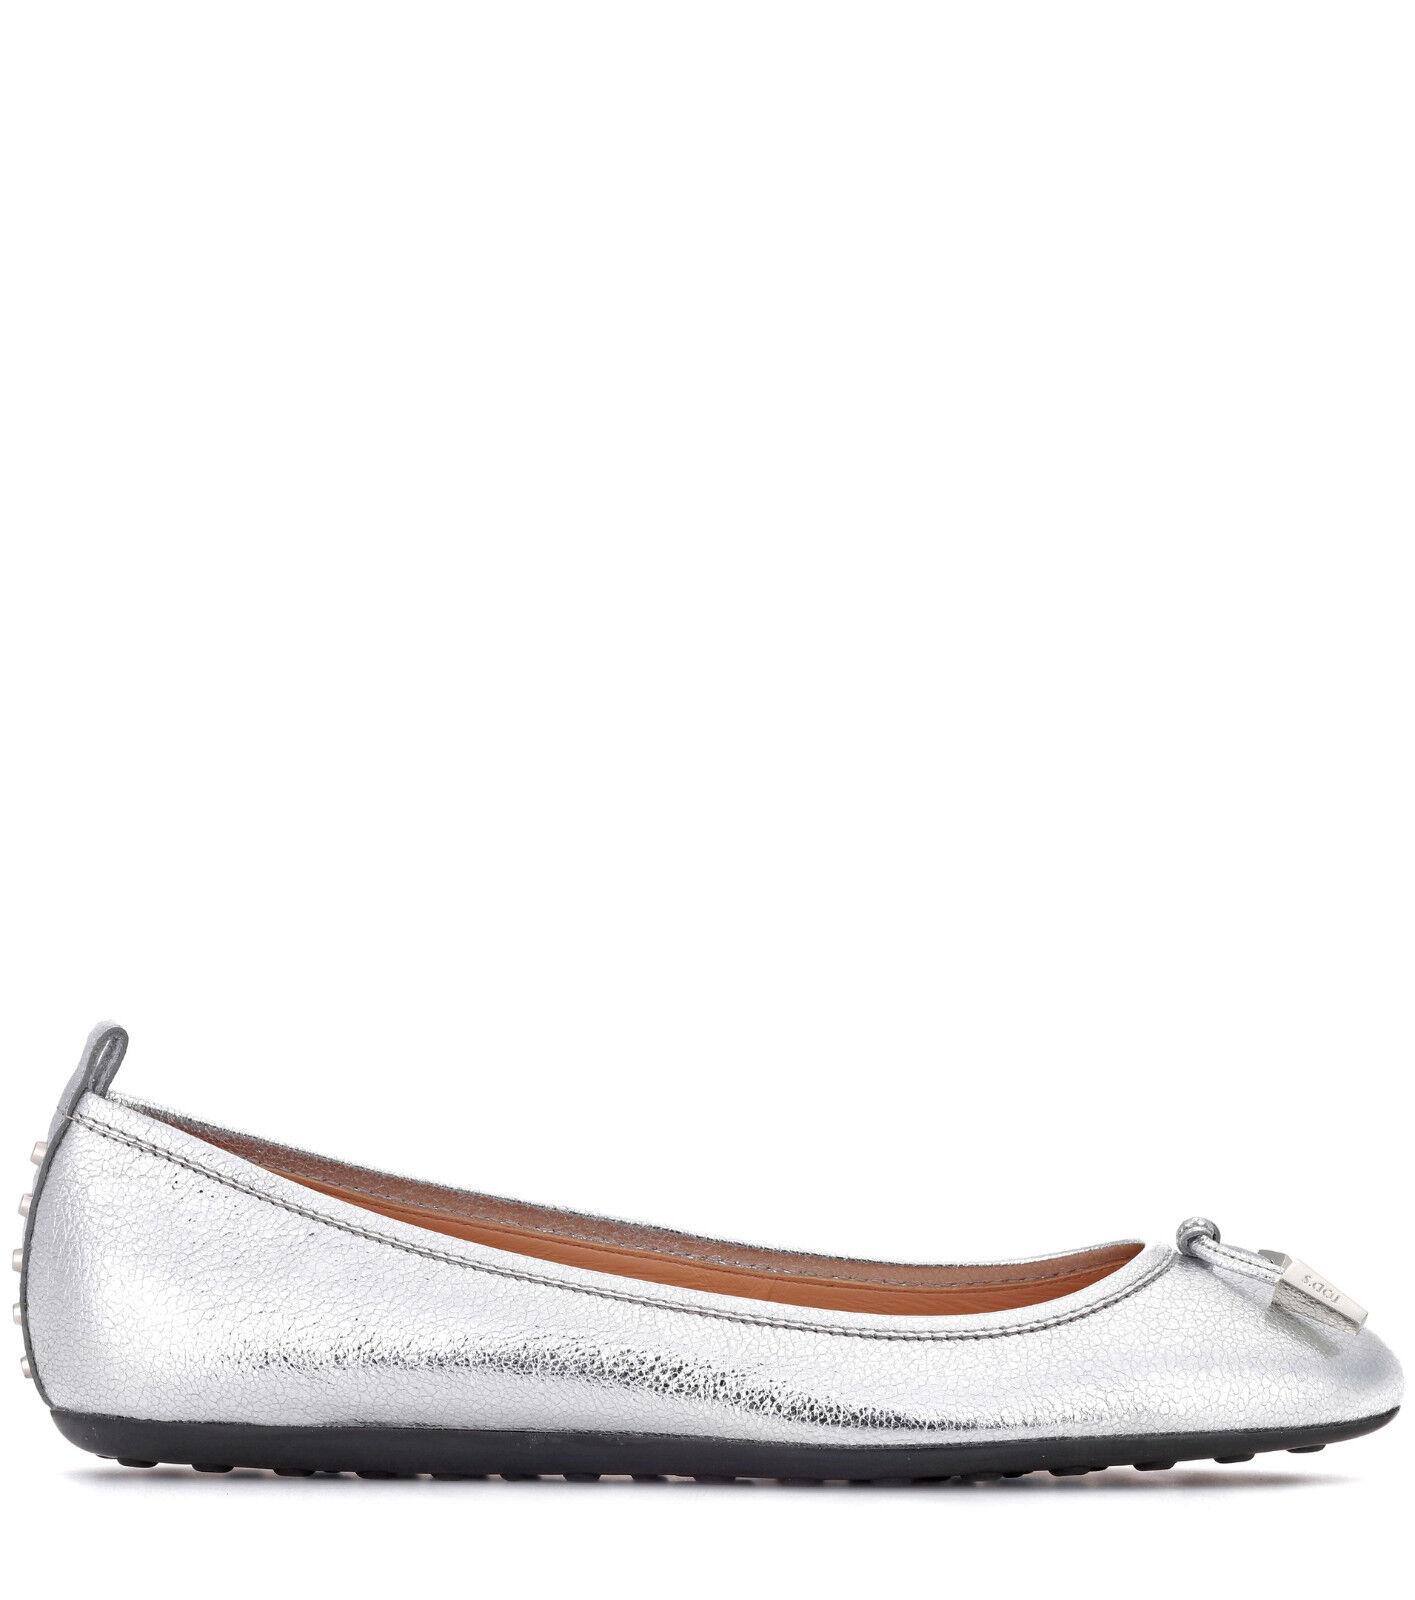 Tod's 220 Silver Tone Metallic Leather Ballerina Ballerina Ballerina Flats 38   US 8 9d6f16